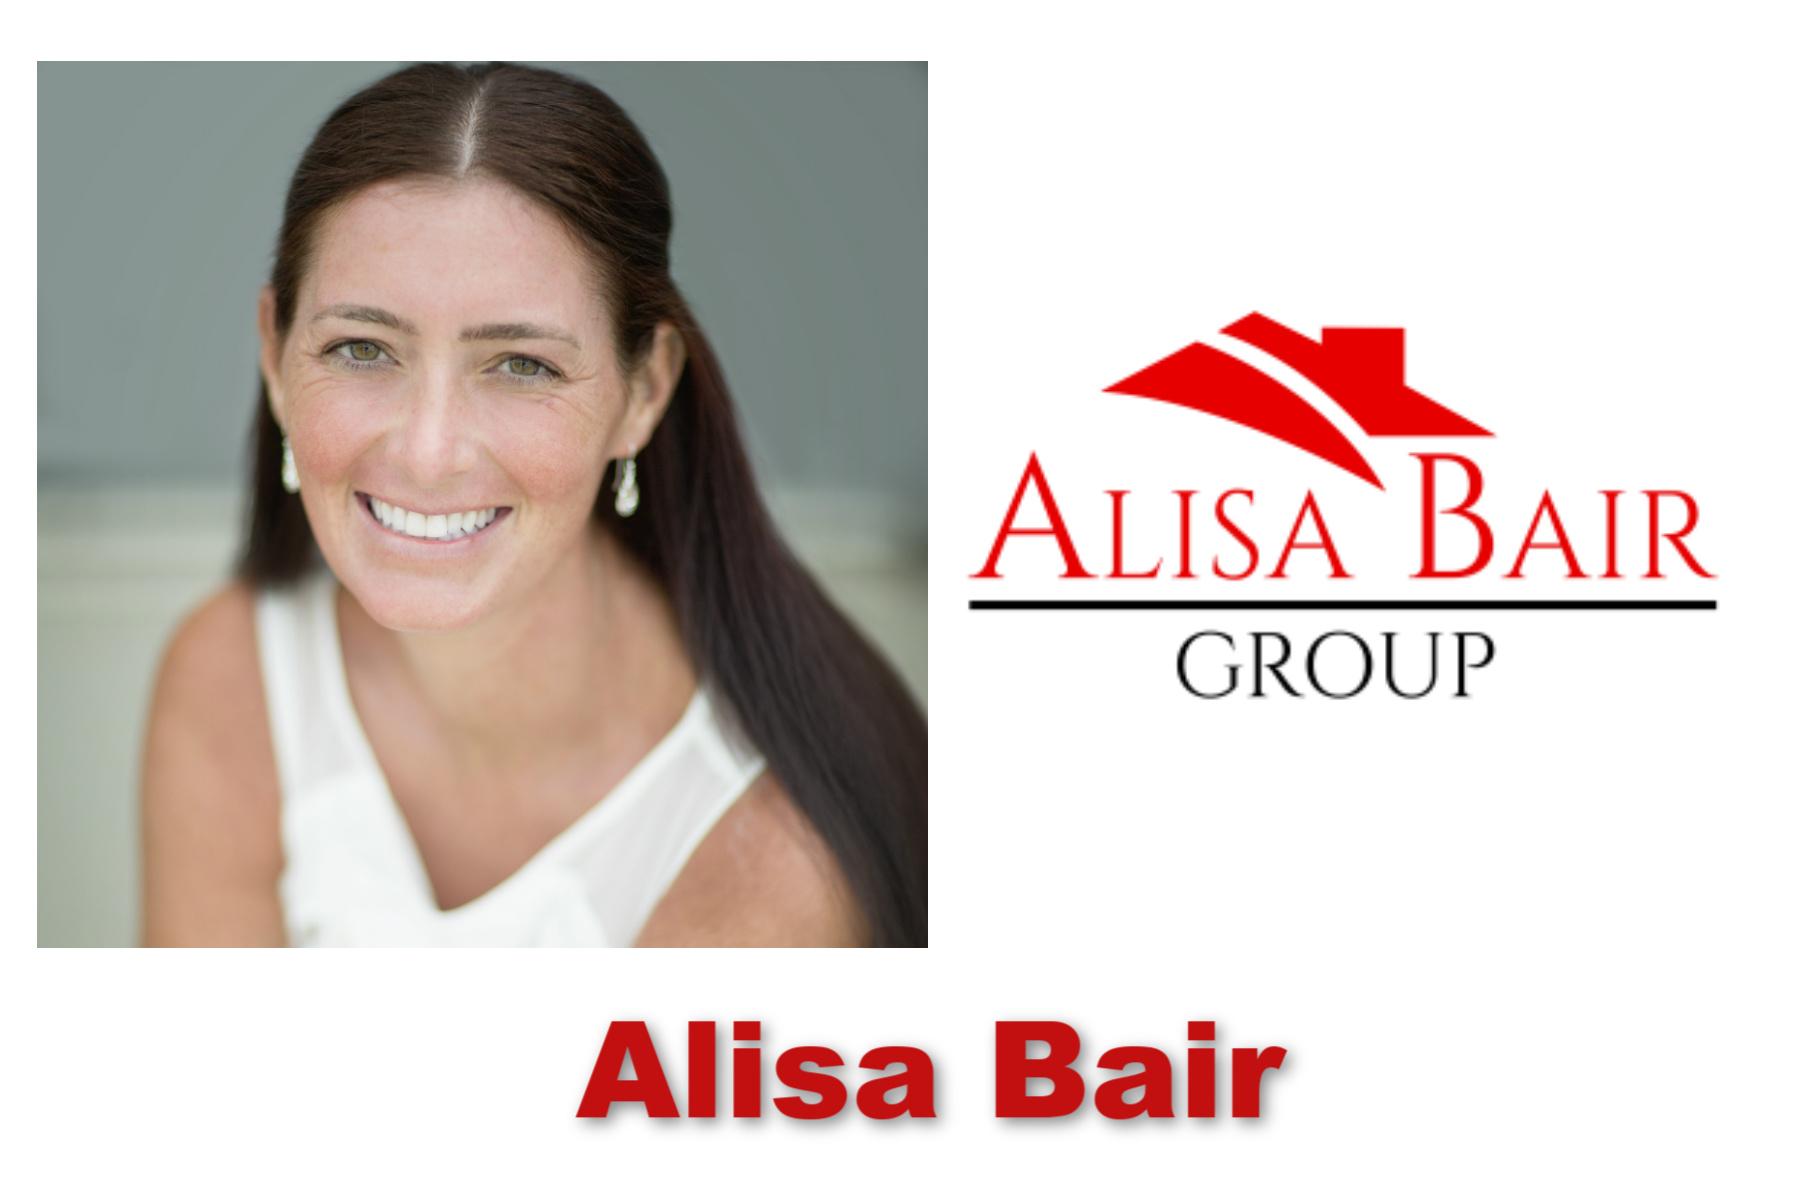 Alisa Bair